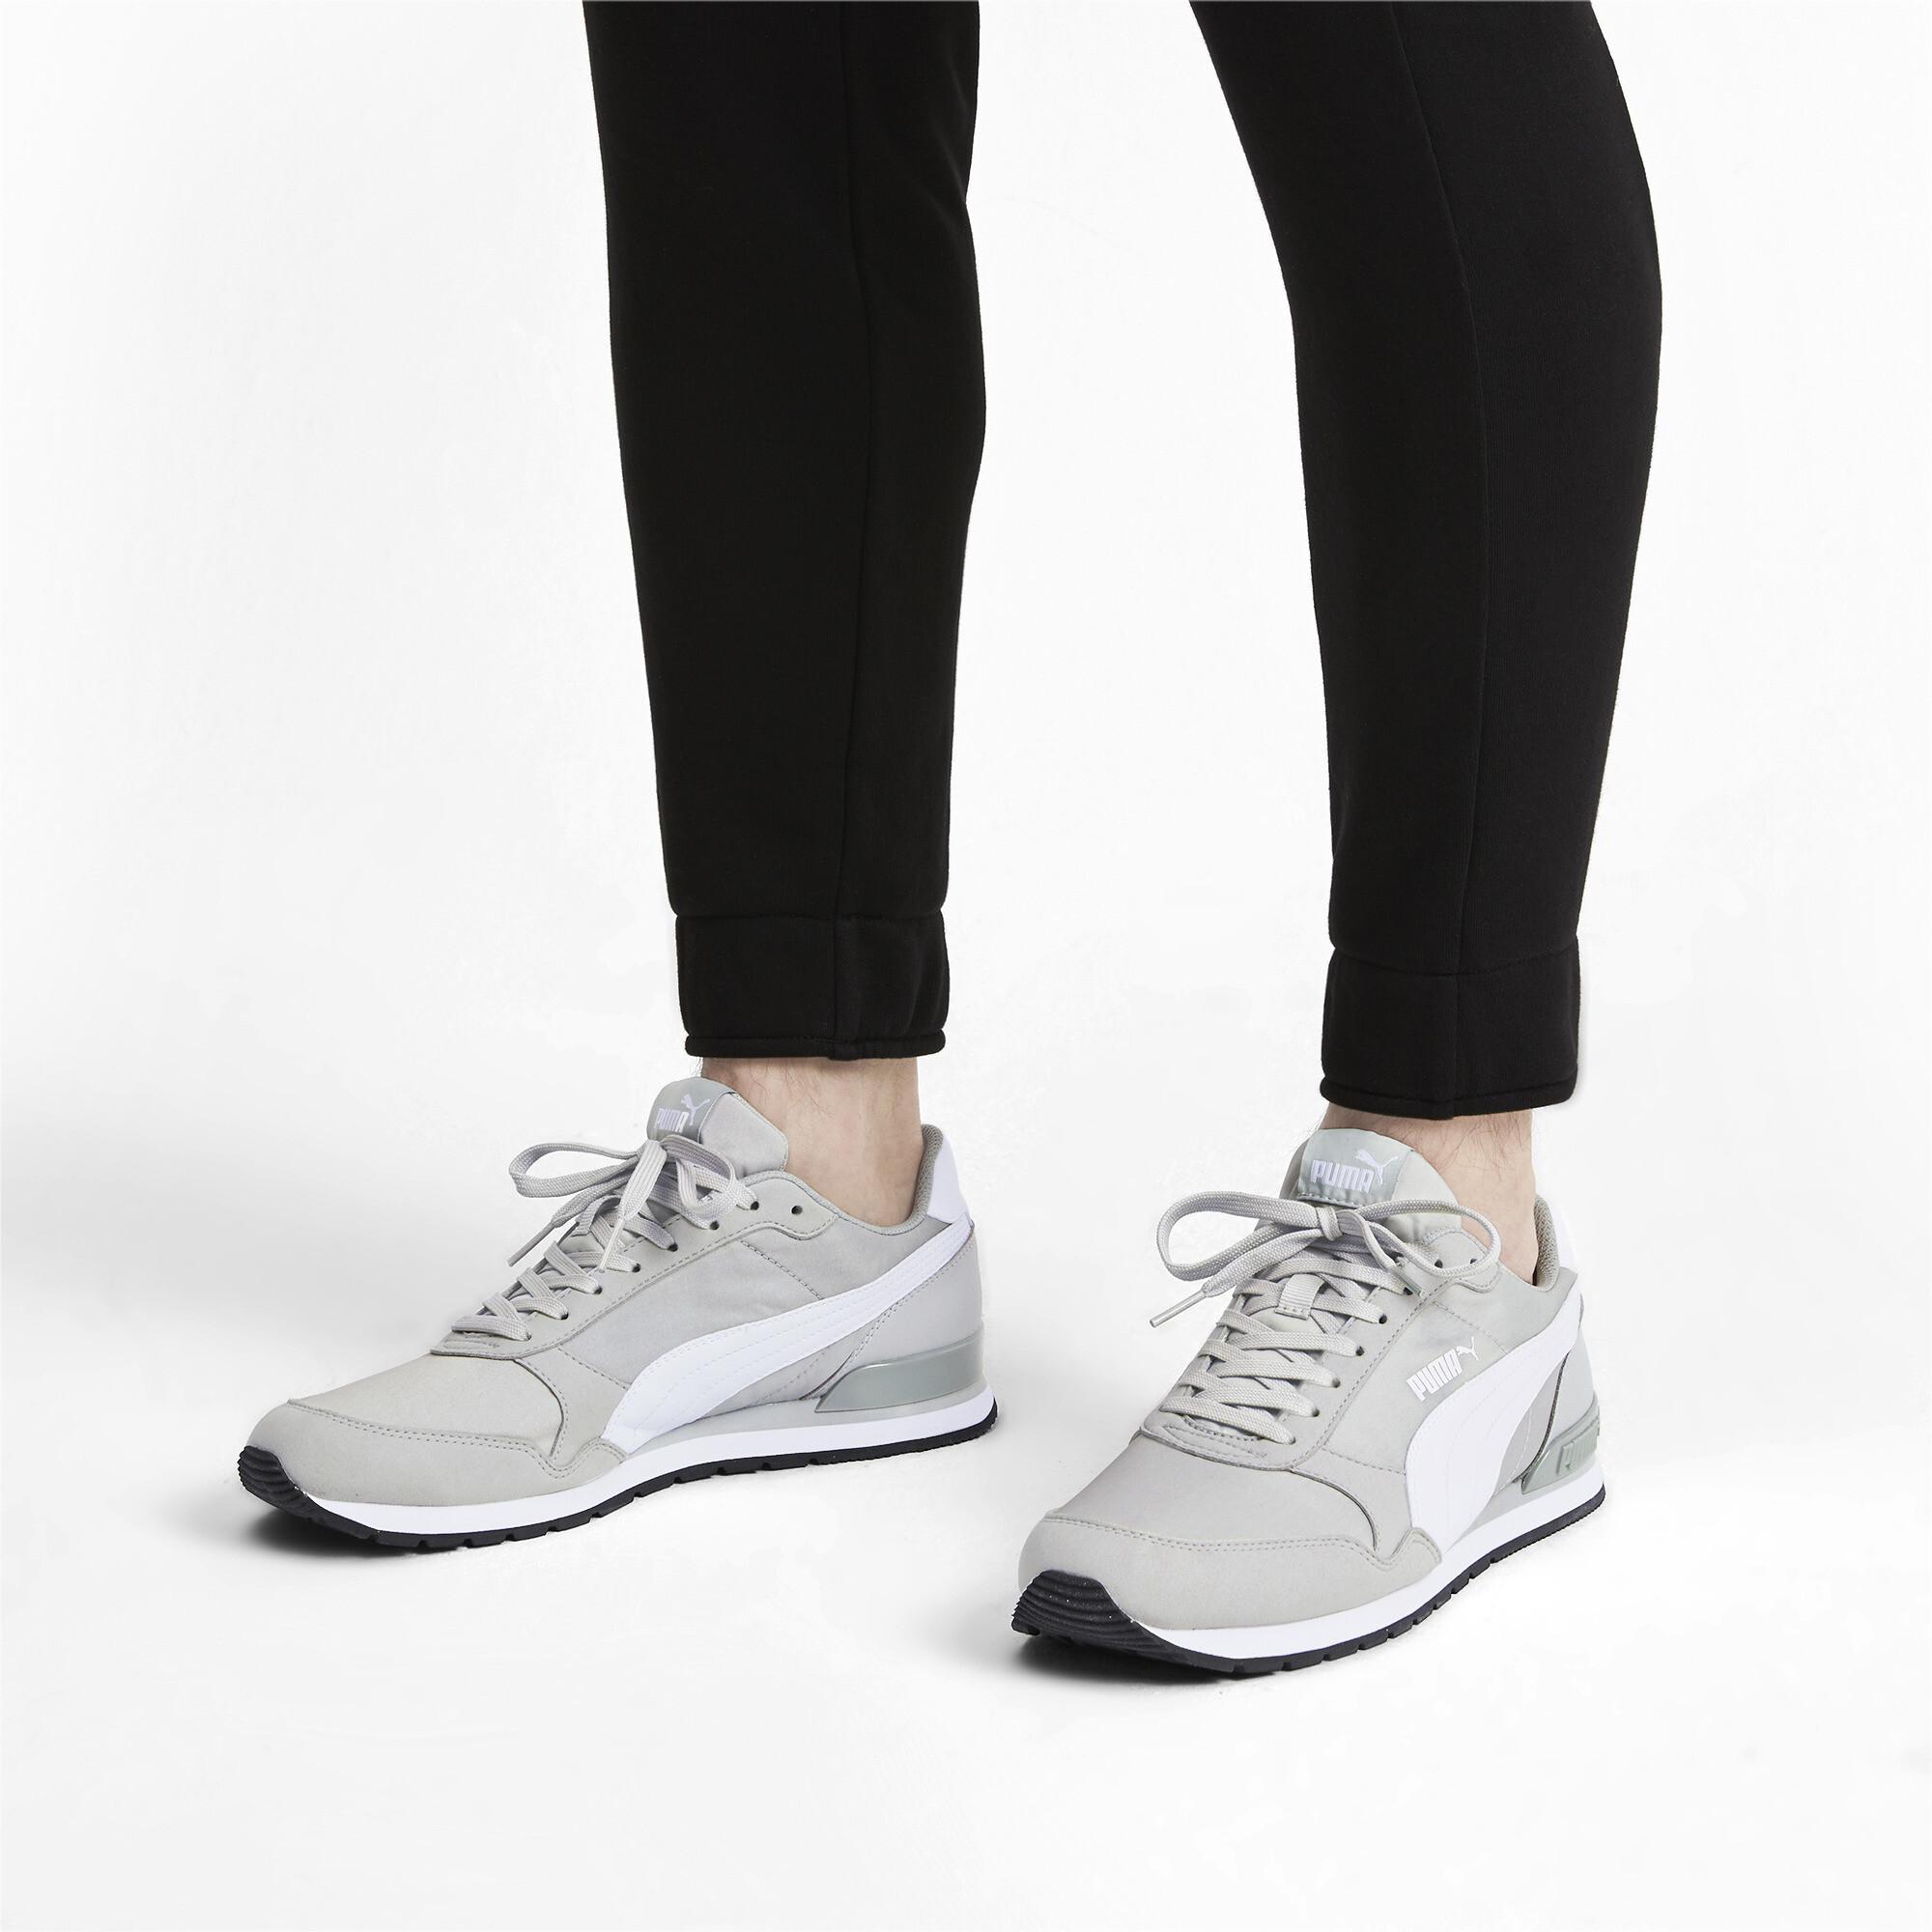 Puma-ST-Runner-v2-Para-hombre-Zapatos-para-hombre-Basics miniatura 12